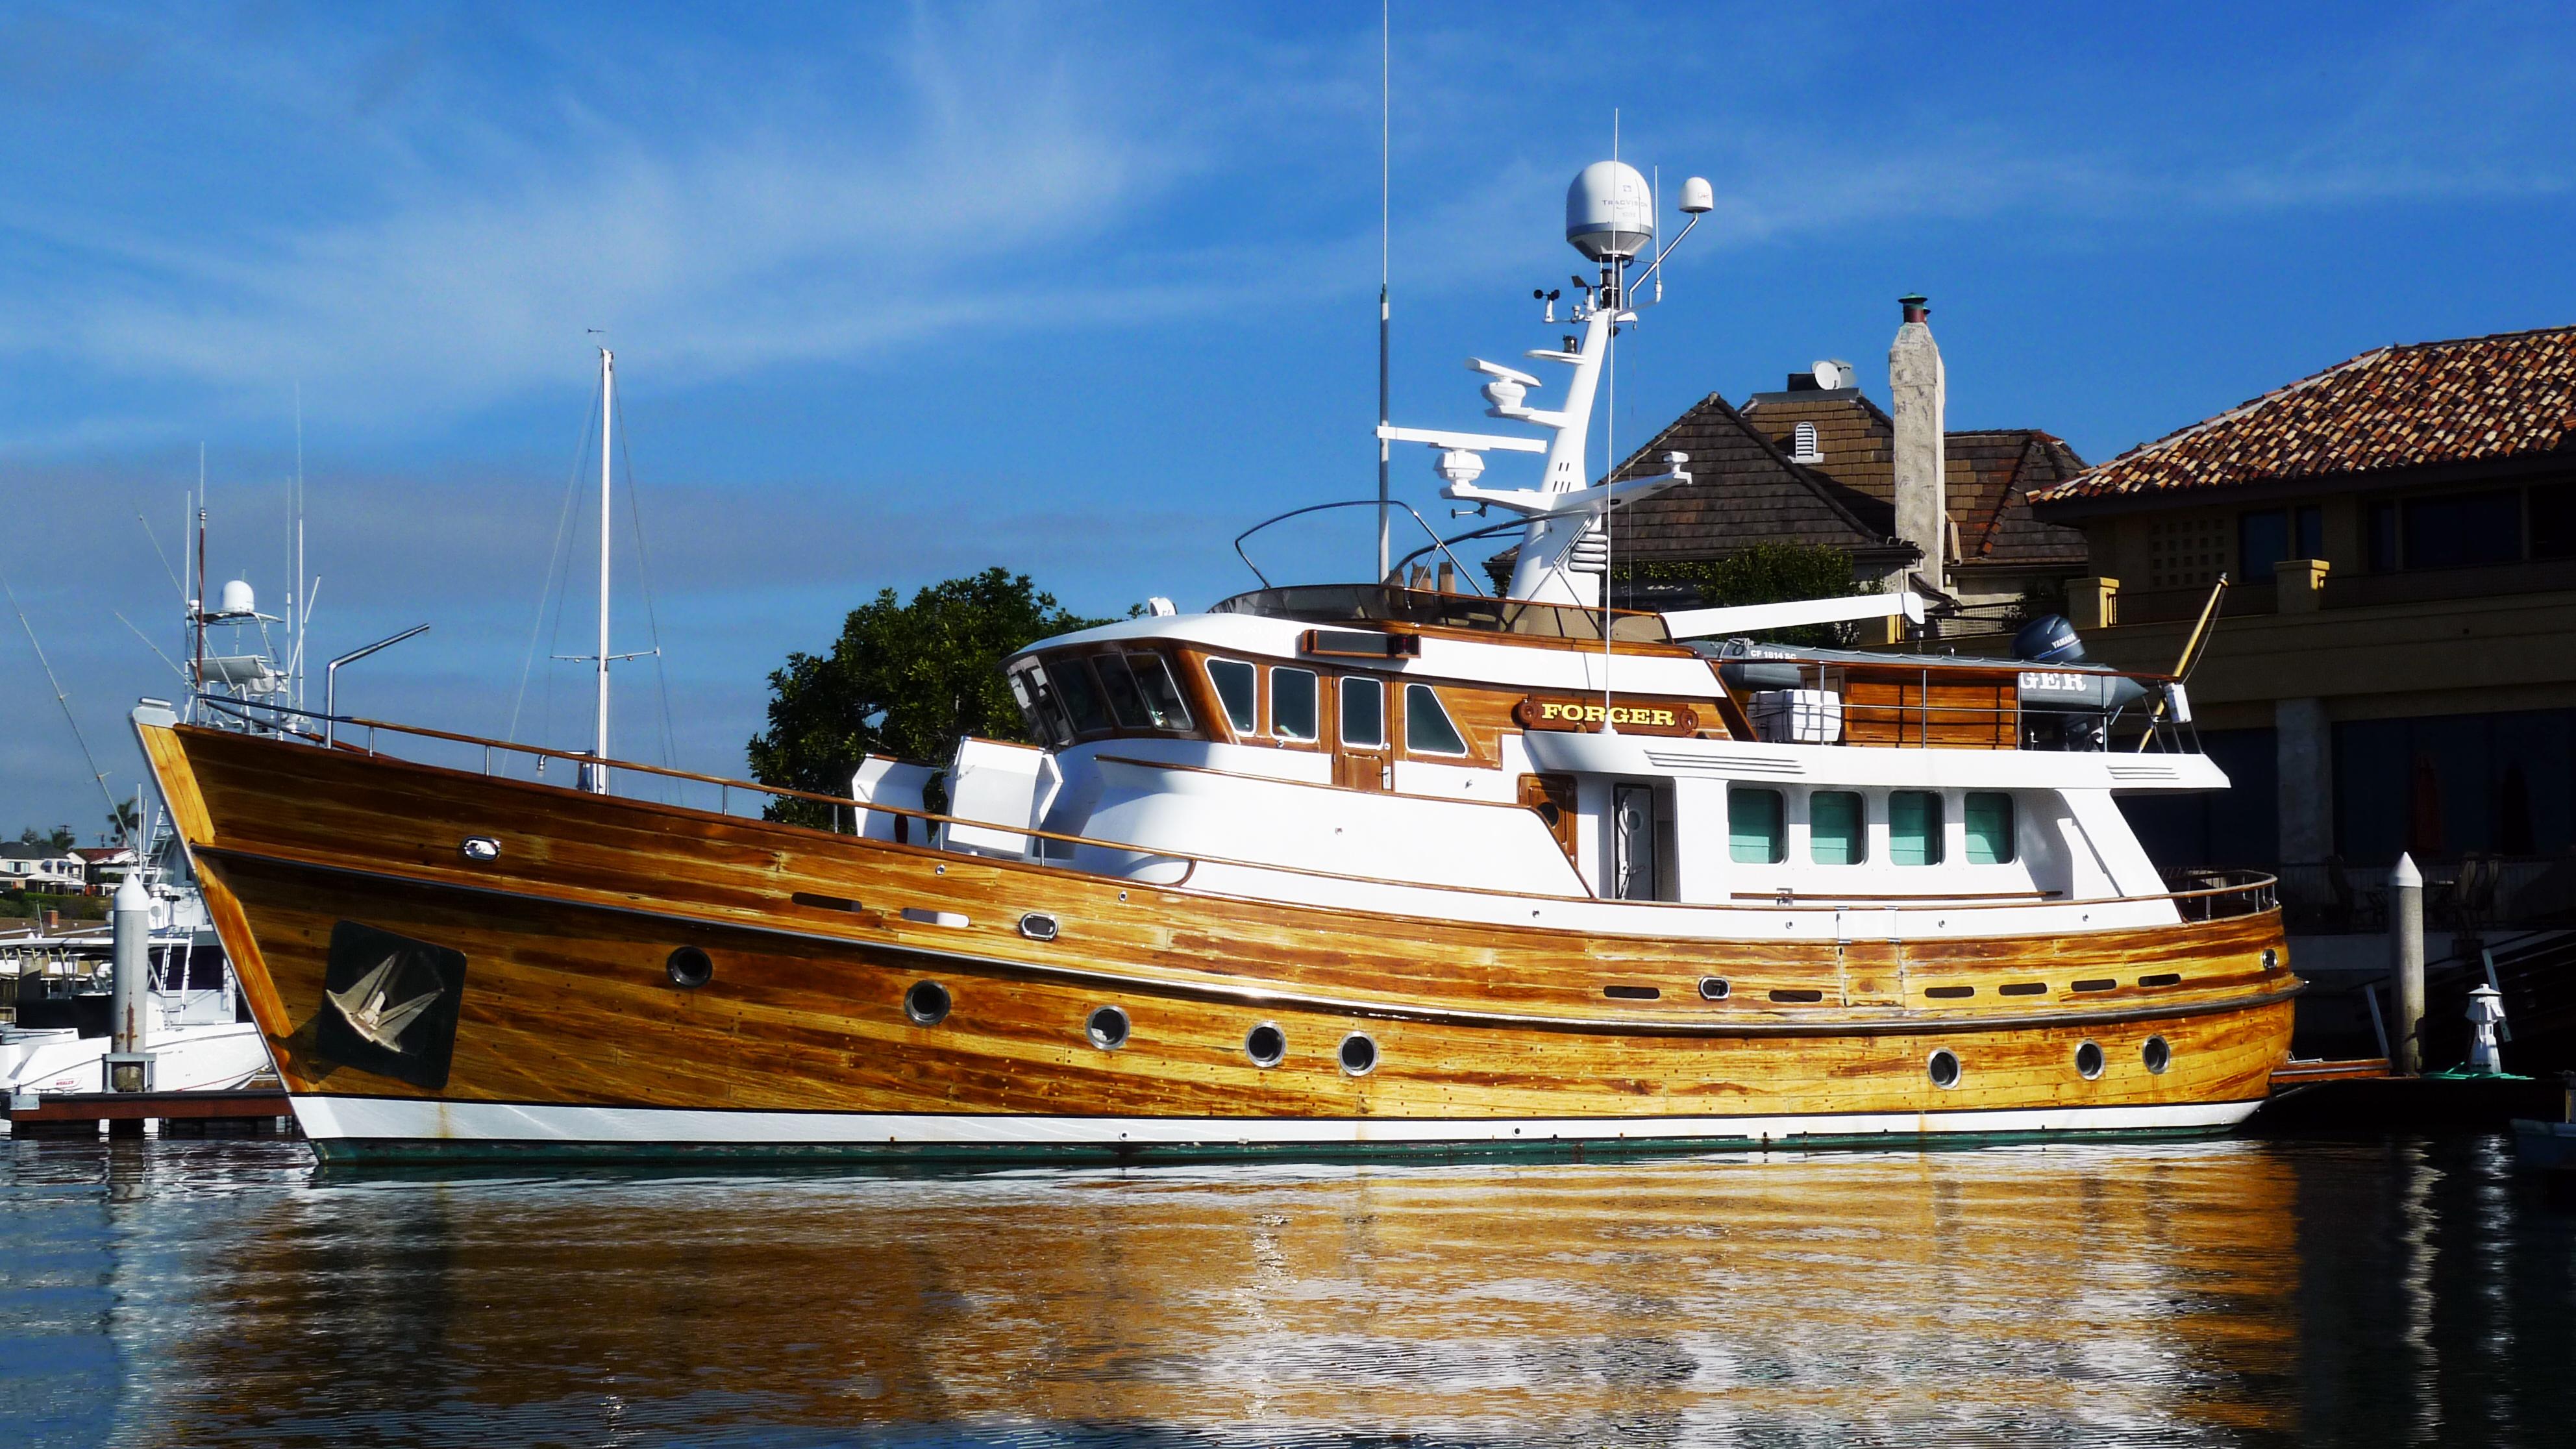 Recreational trawler - Wikipedia